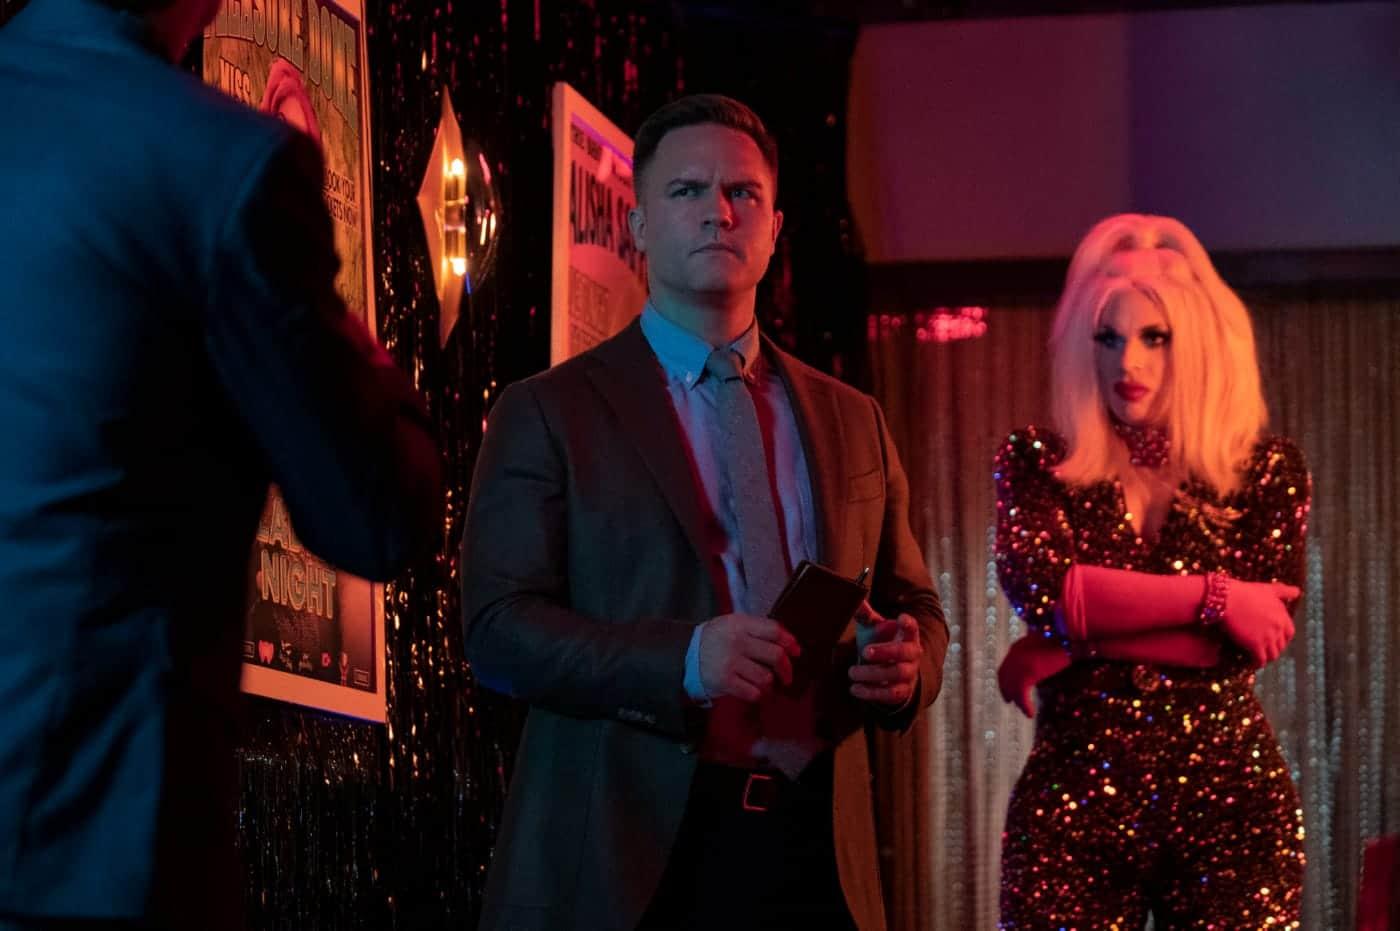 Lucifer Season 6 Episode 2